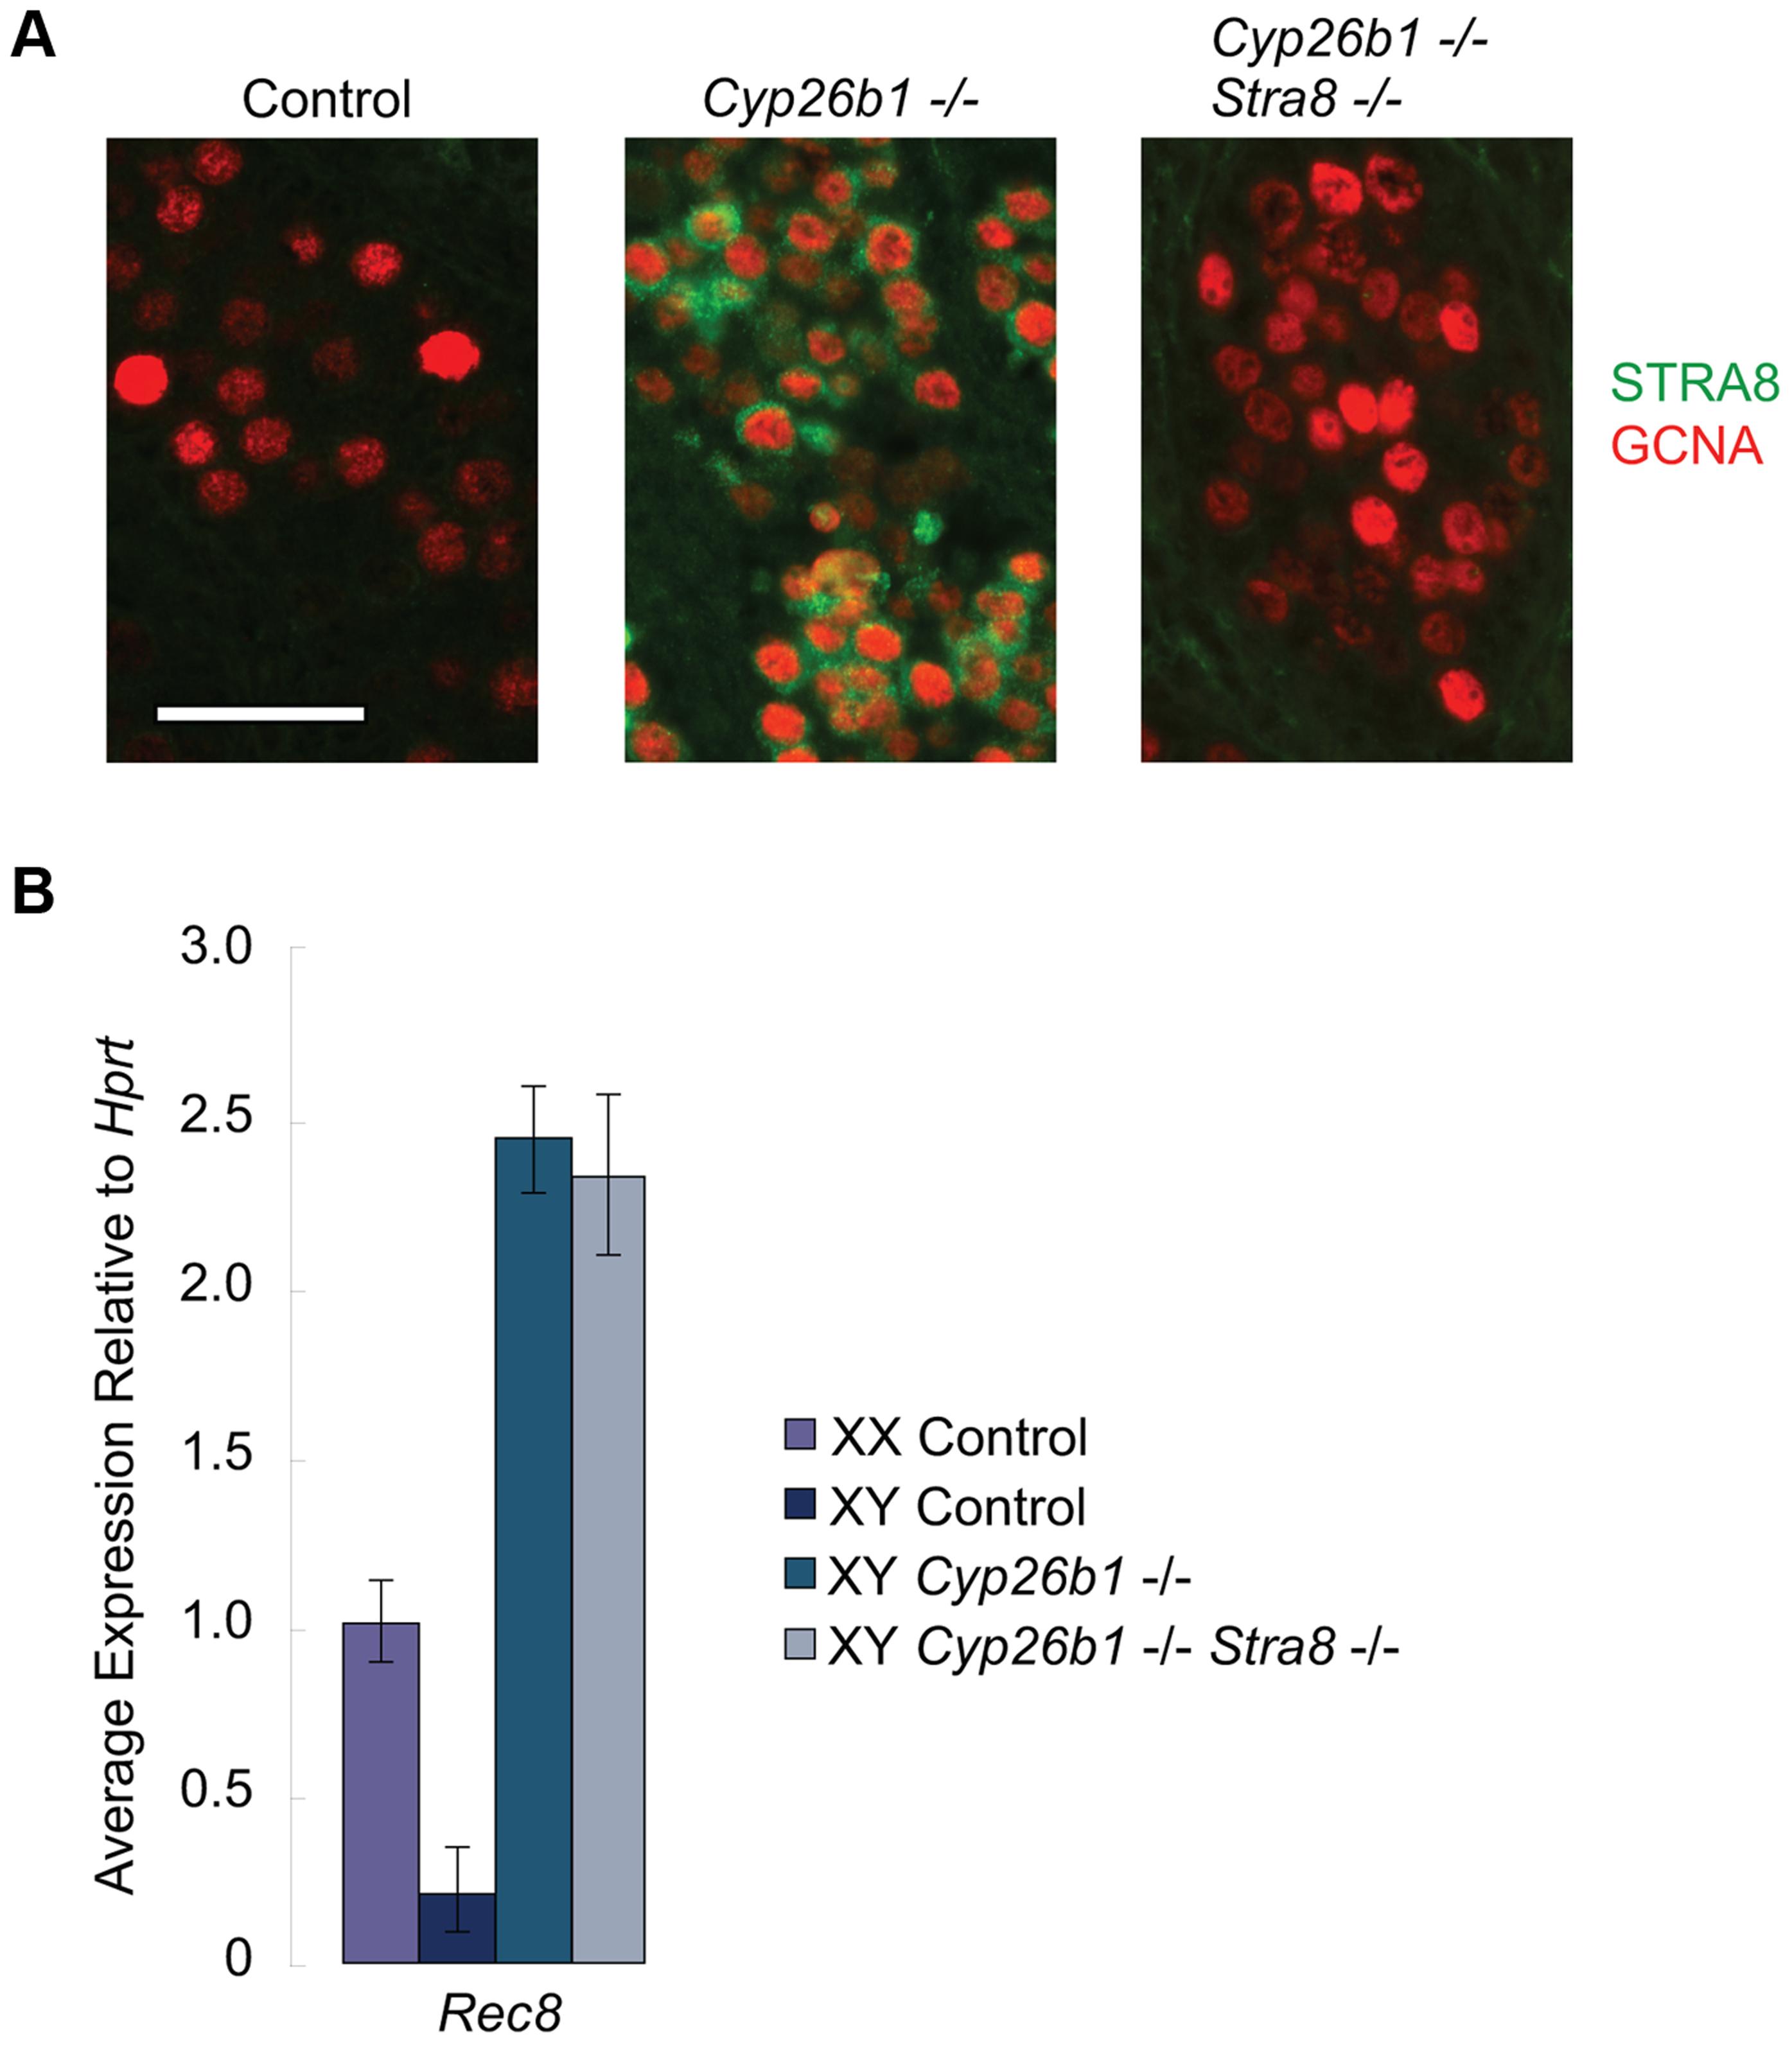 In <i>Cyp26b1-</i>deficient/<i>Stra8-</i>deficient fetal testes, <i>Rec8</i> is induced by RA signaling.